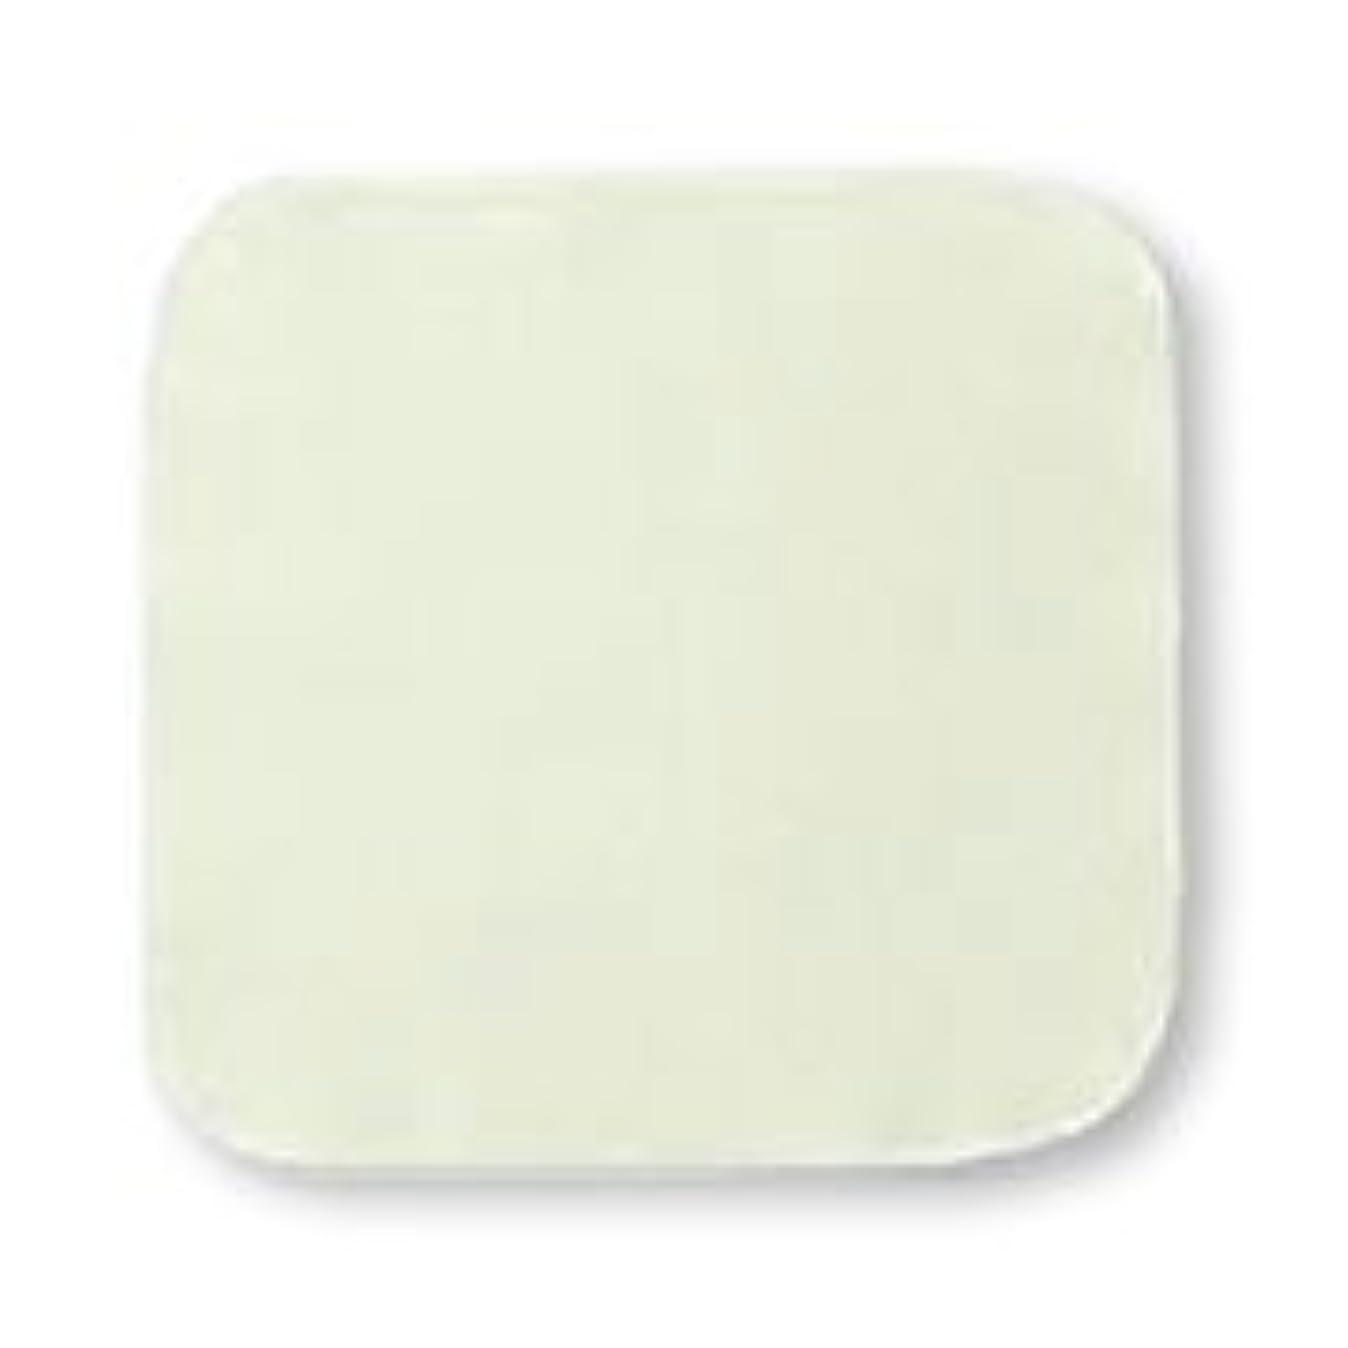 持続する優越居心地の良い布ナプキン 白うさぎハンカチ